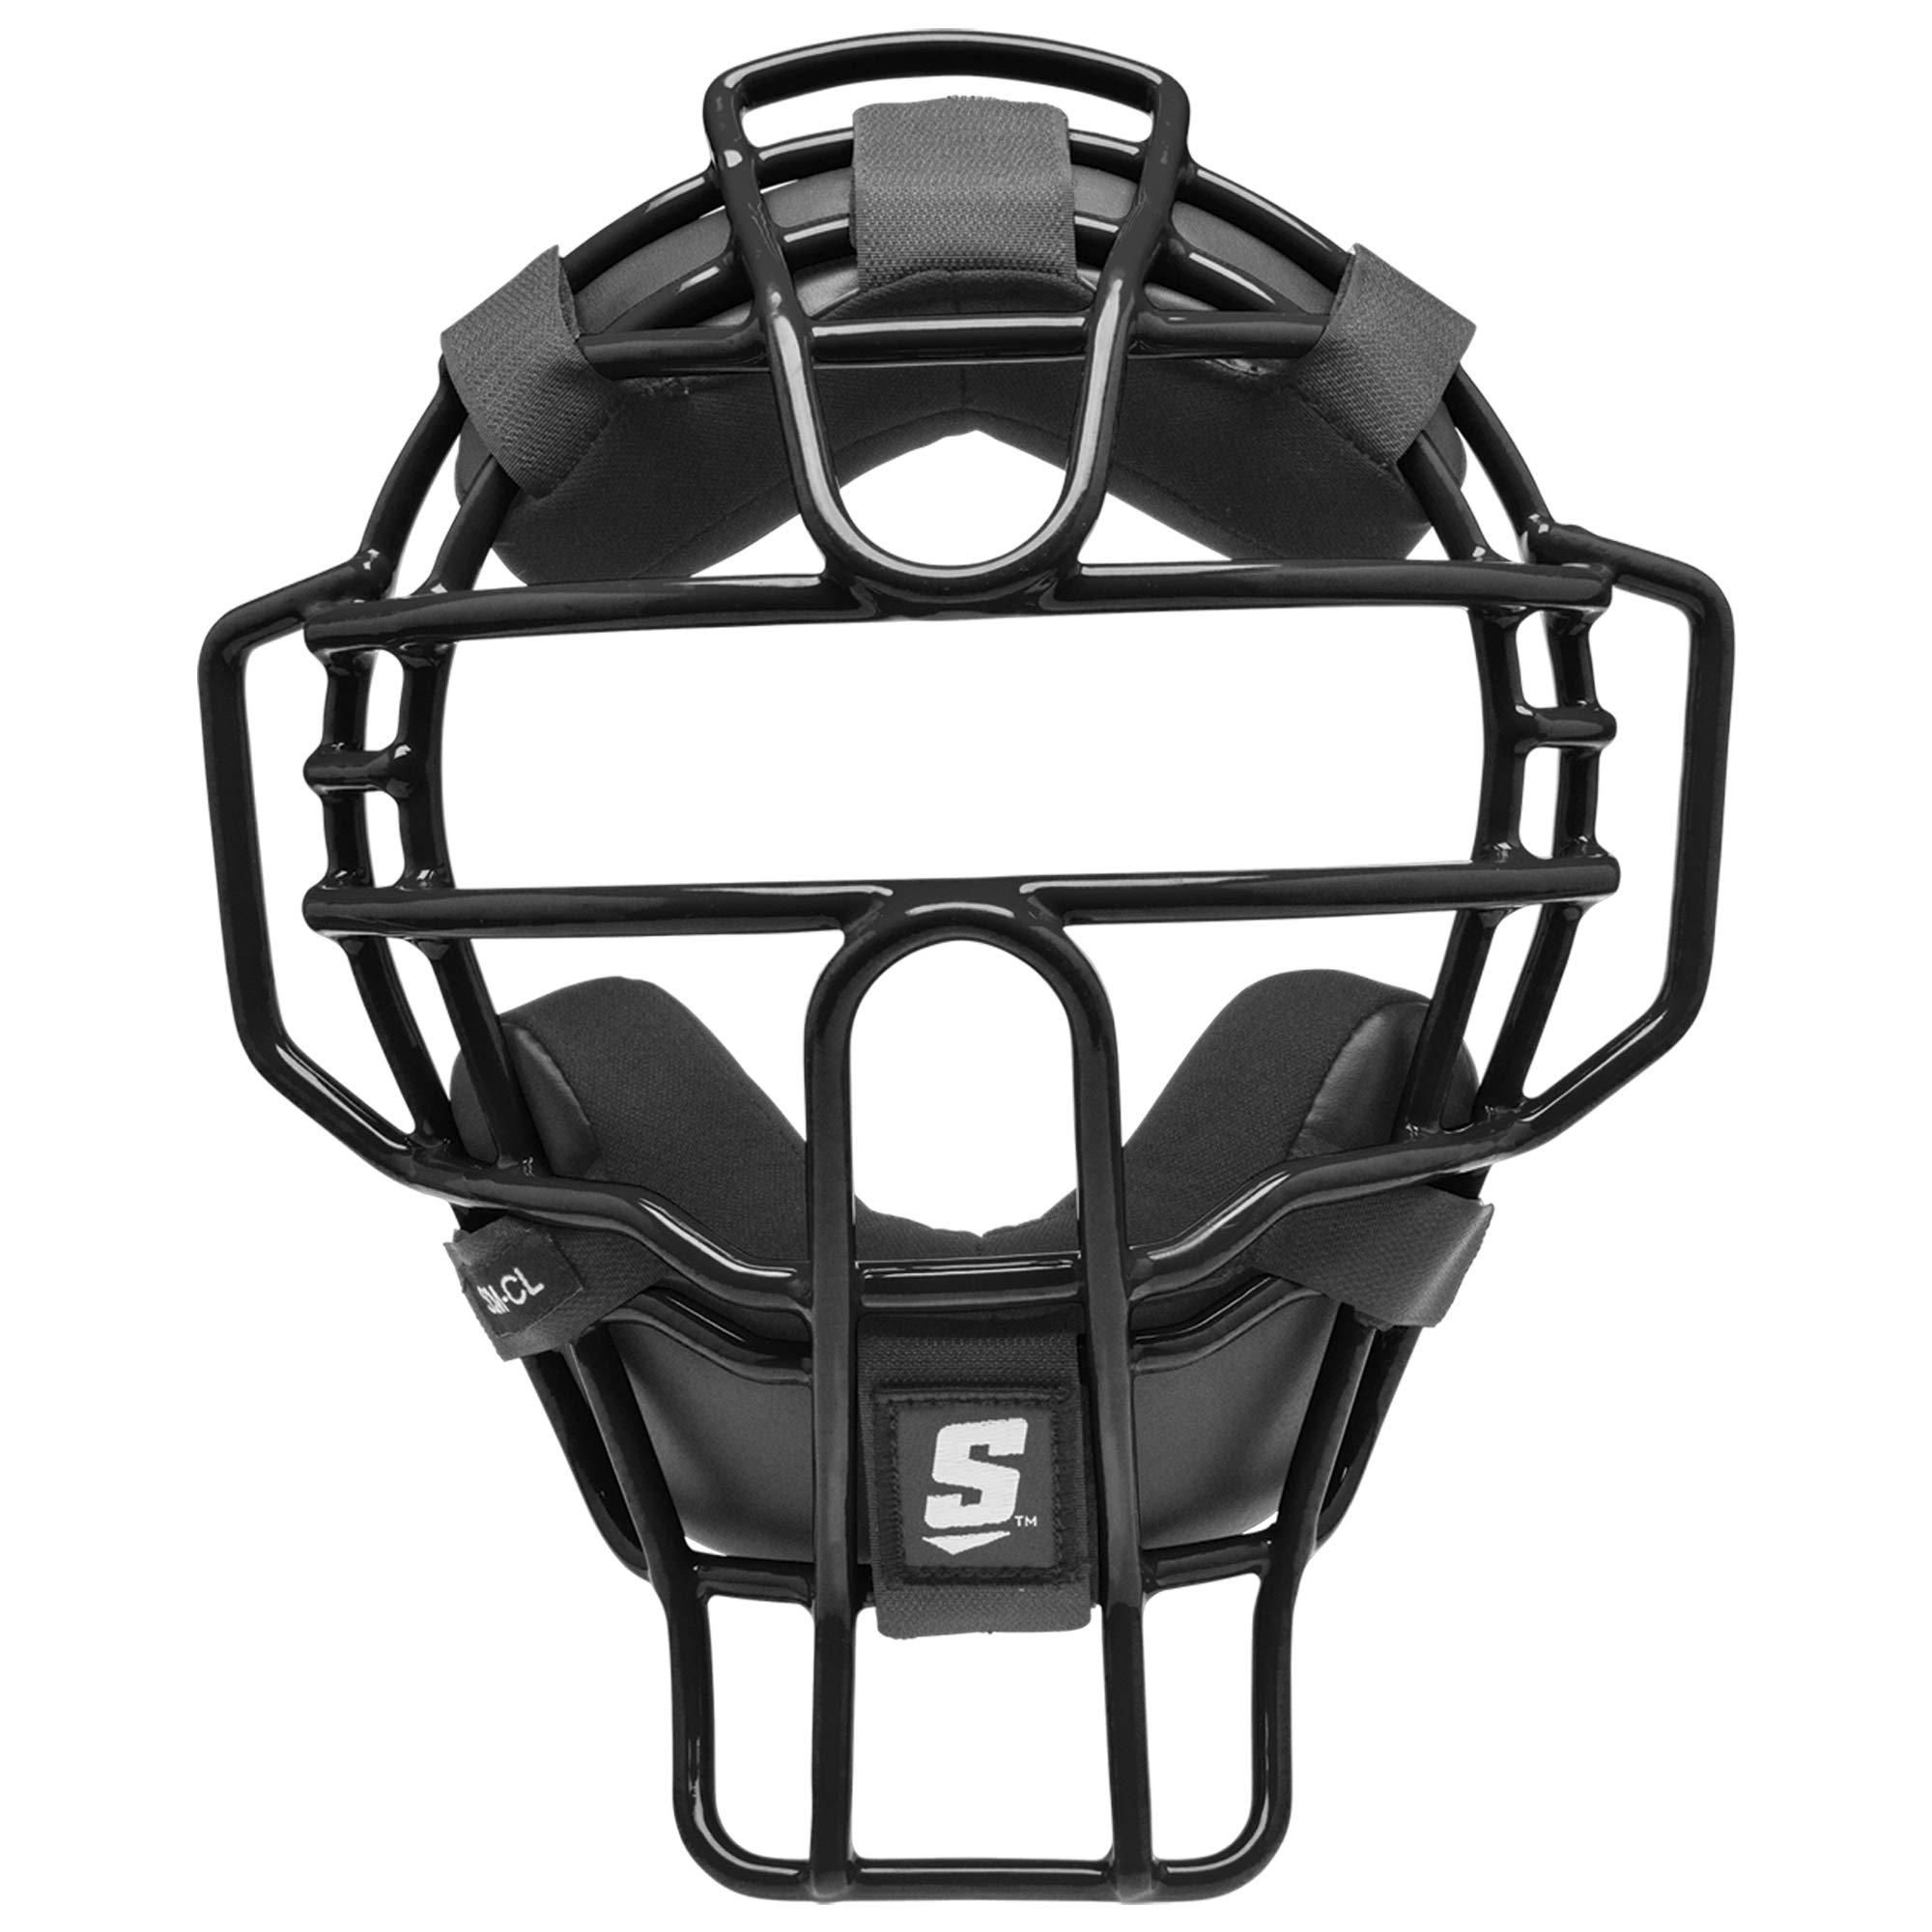 Schutt Sports Comfort-Lite Mask, Black by Schutt